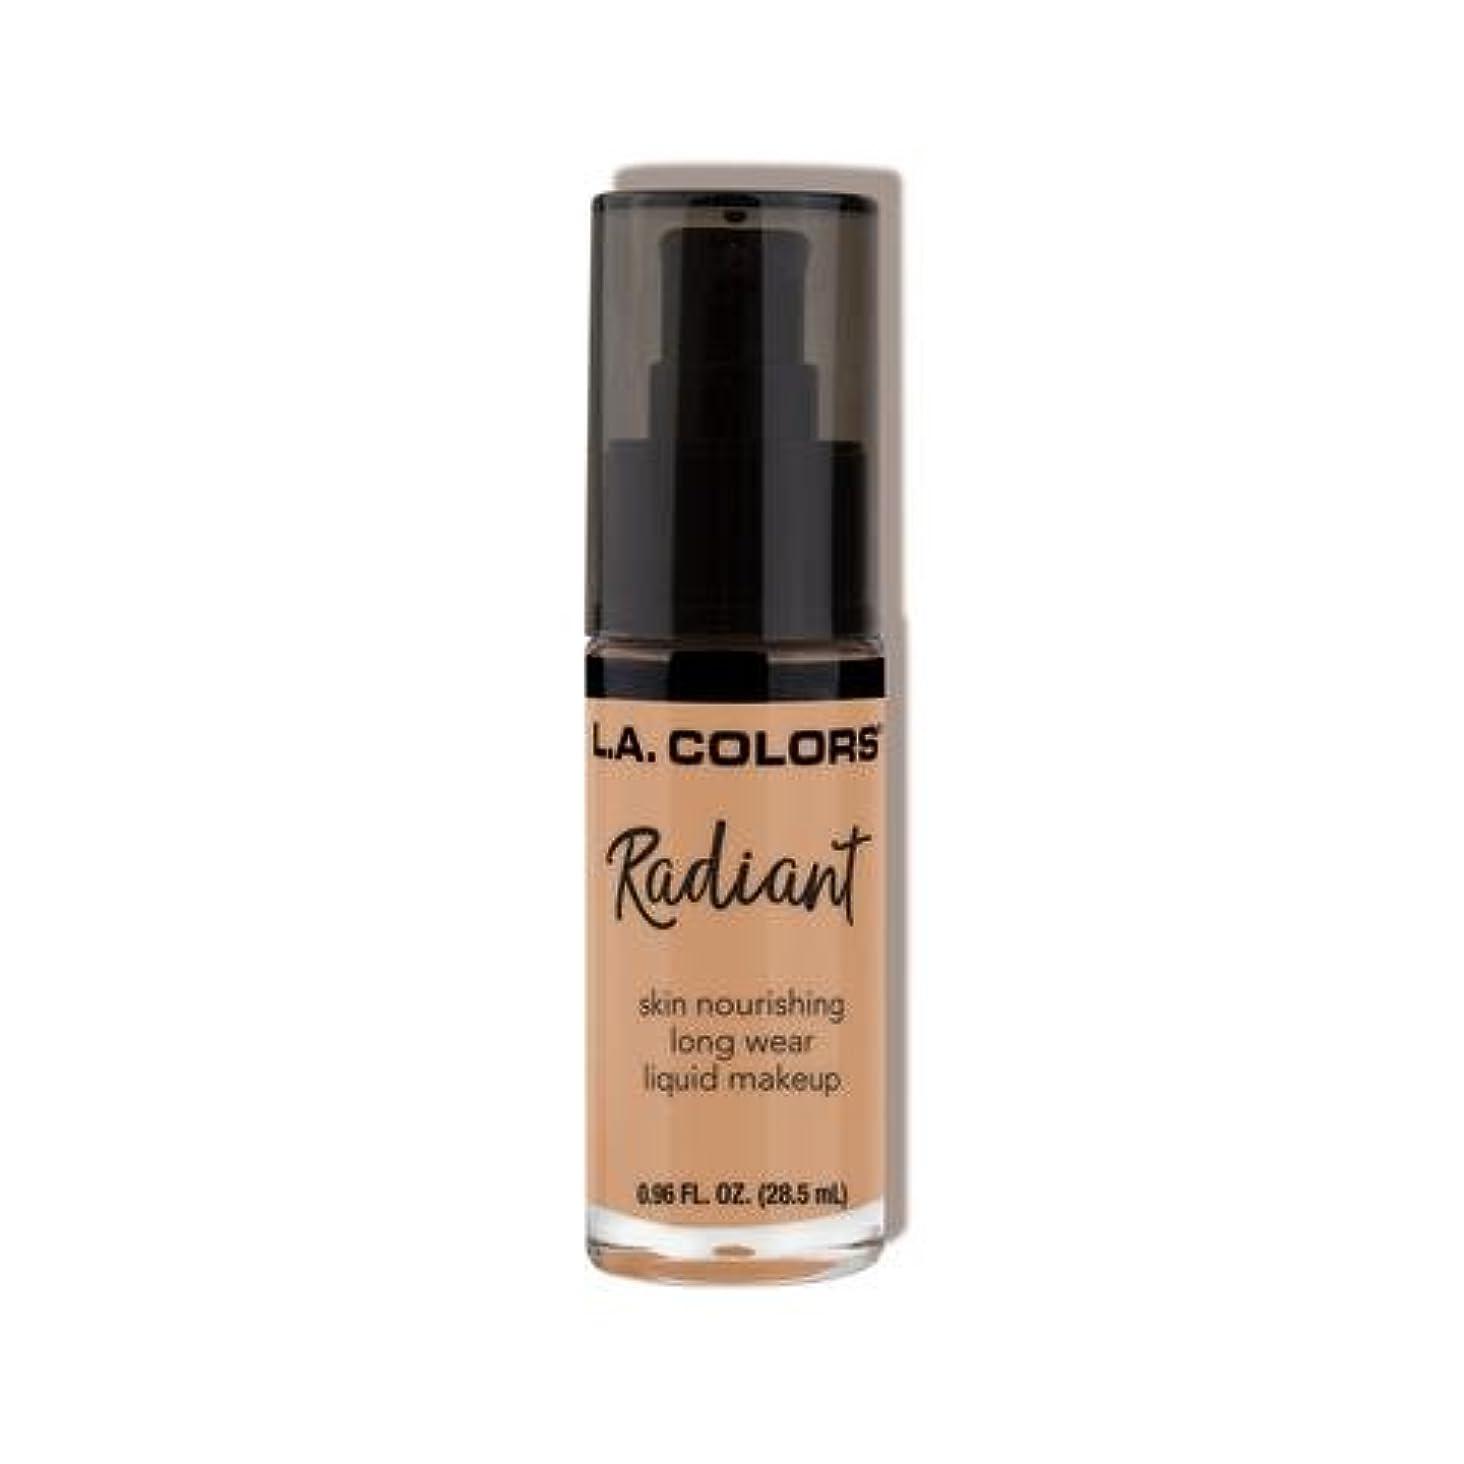 トマトストレージ早く(6 Pack) L.A. COLORS Radiant Liquid Makeup - Light Tan (並行輸入品)